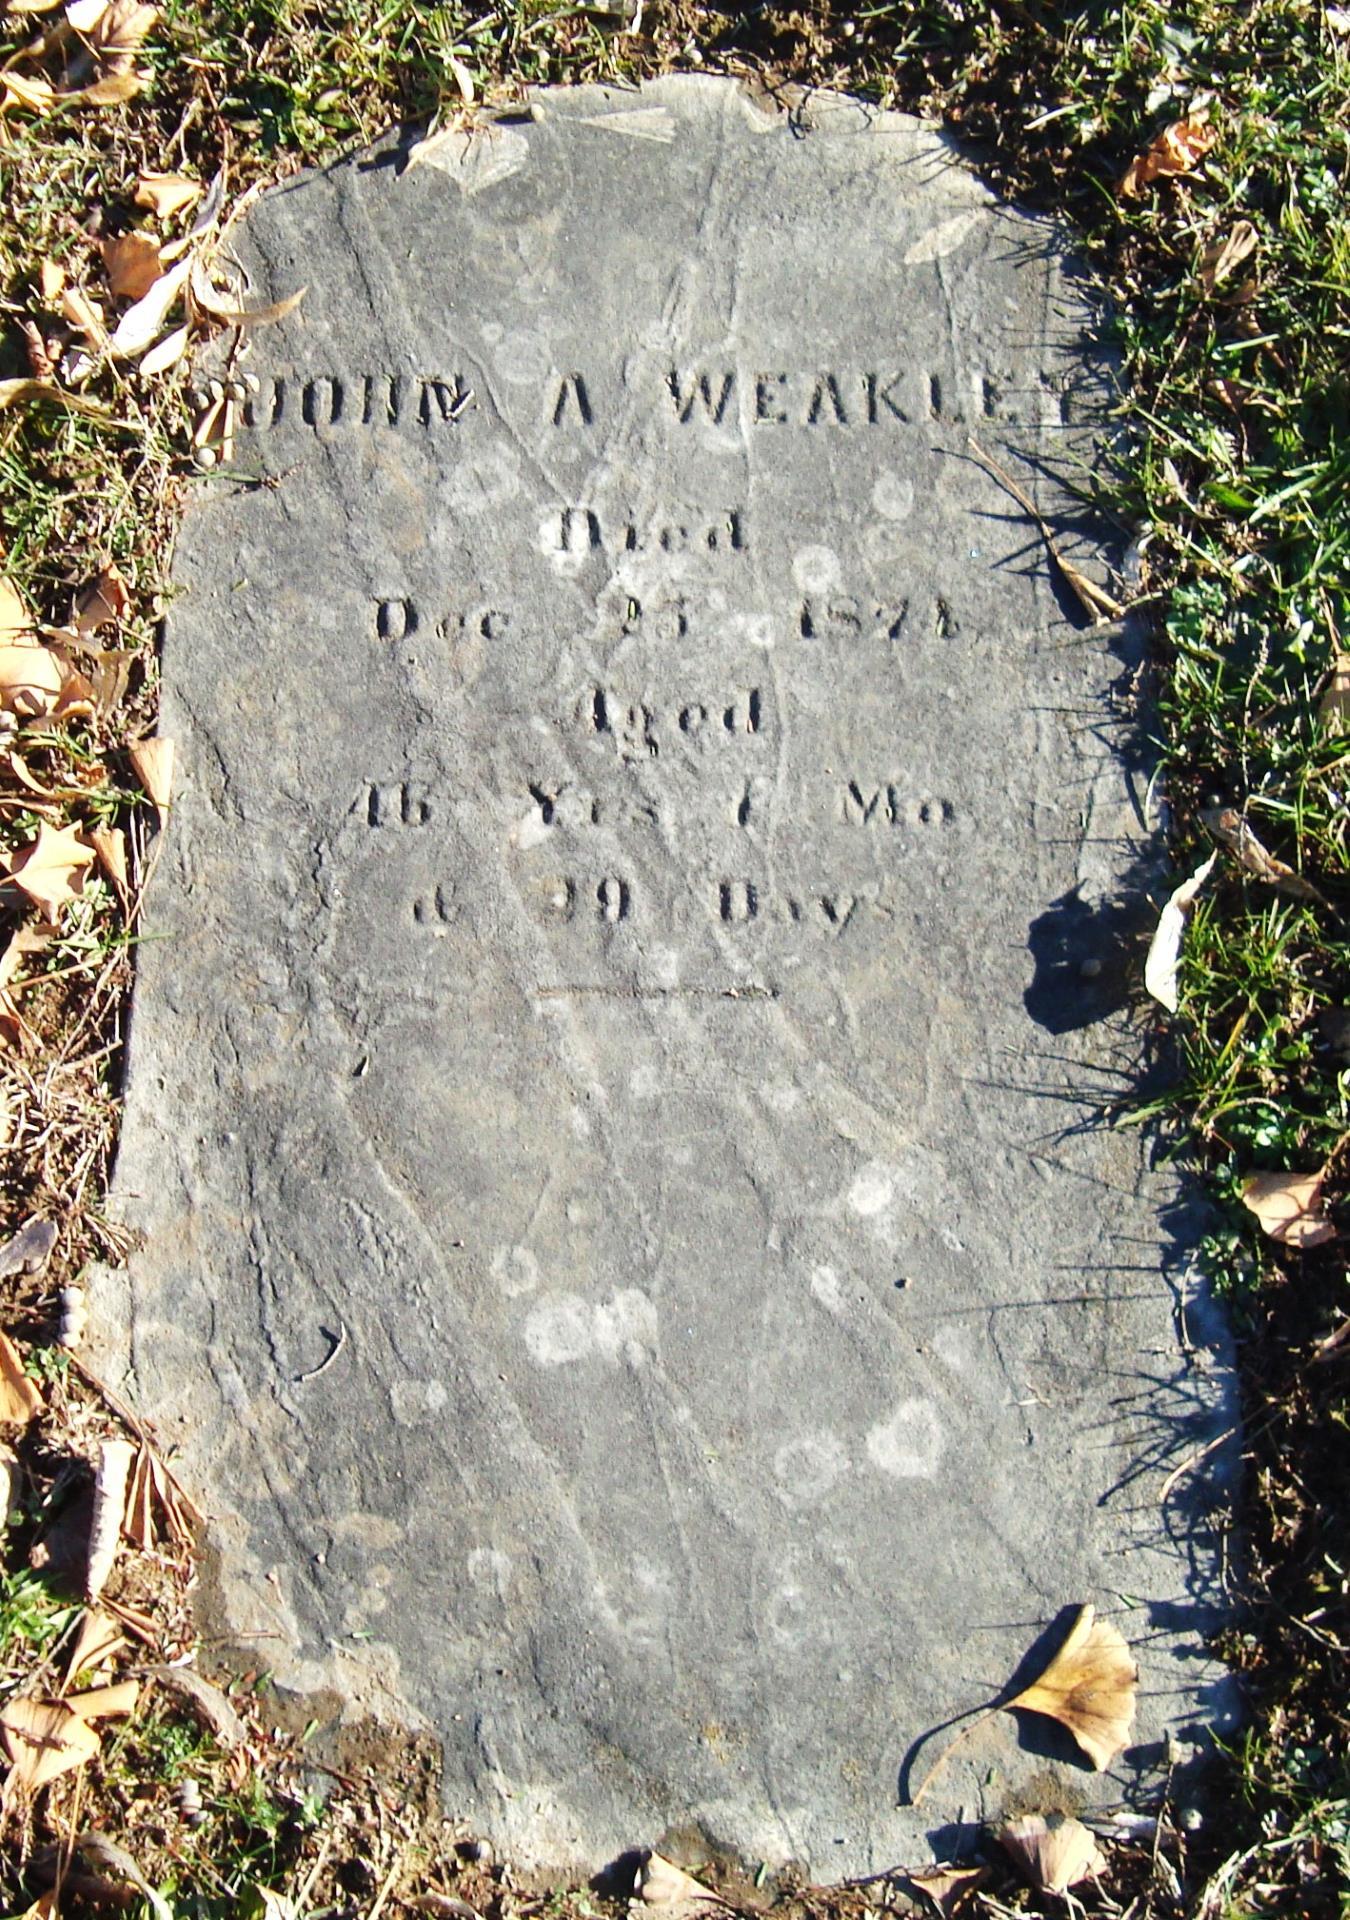 John A. Weakley